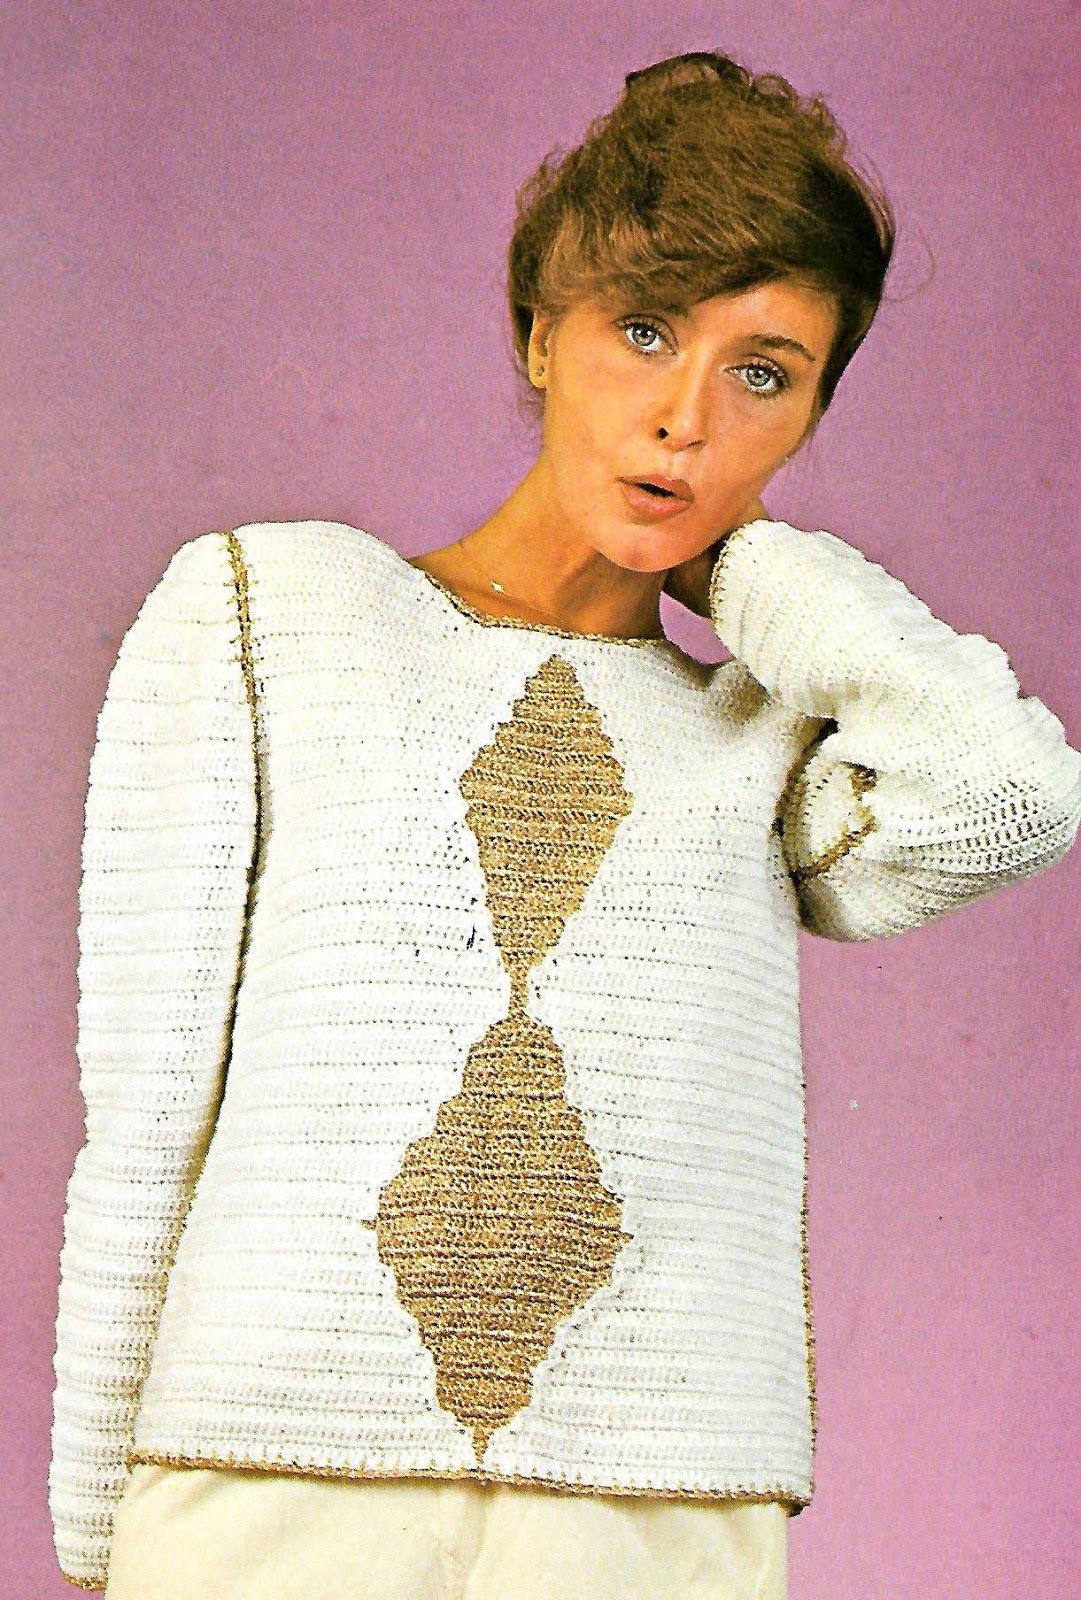 Pull jersey blanco y oro con motivos rombos centrales